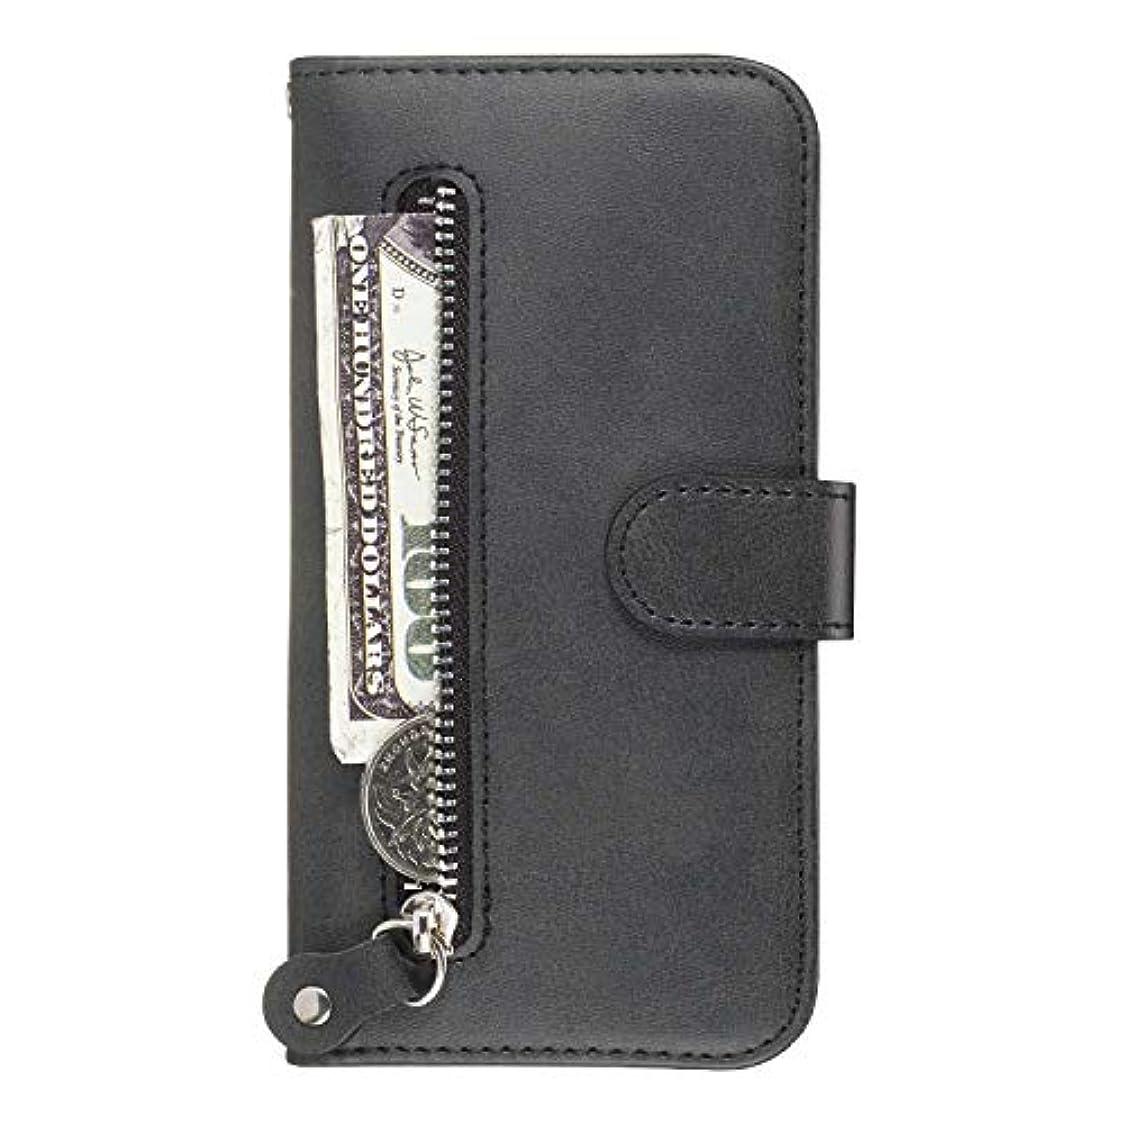 開発コイル喪OMATENTI iPhone X/iPhone XS ケース, 軽量 PUレザー 薄型 簡約風 人気カバー バックケース iPhone X/iPhone XS 用 Case Cover, 液晶保護 カード収納, 財布と...